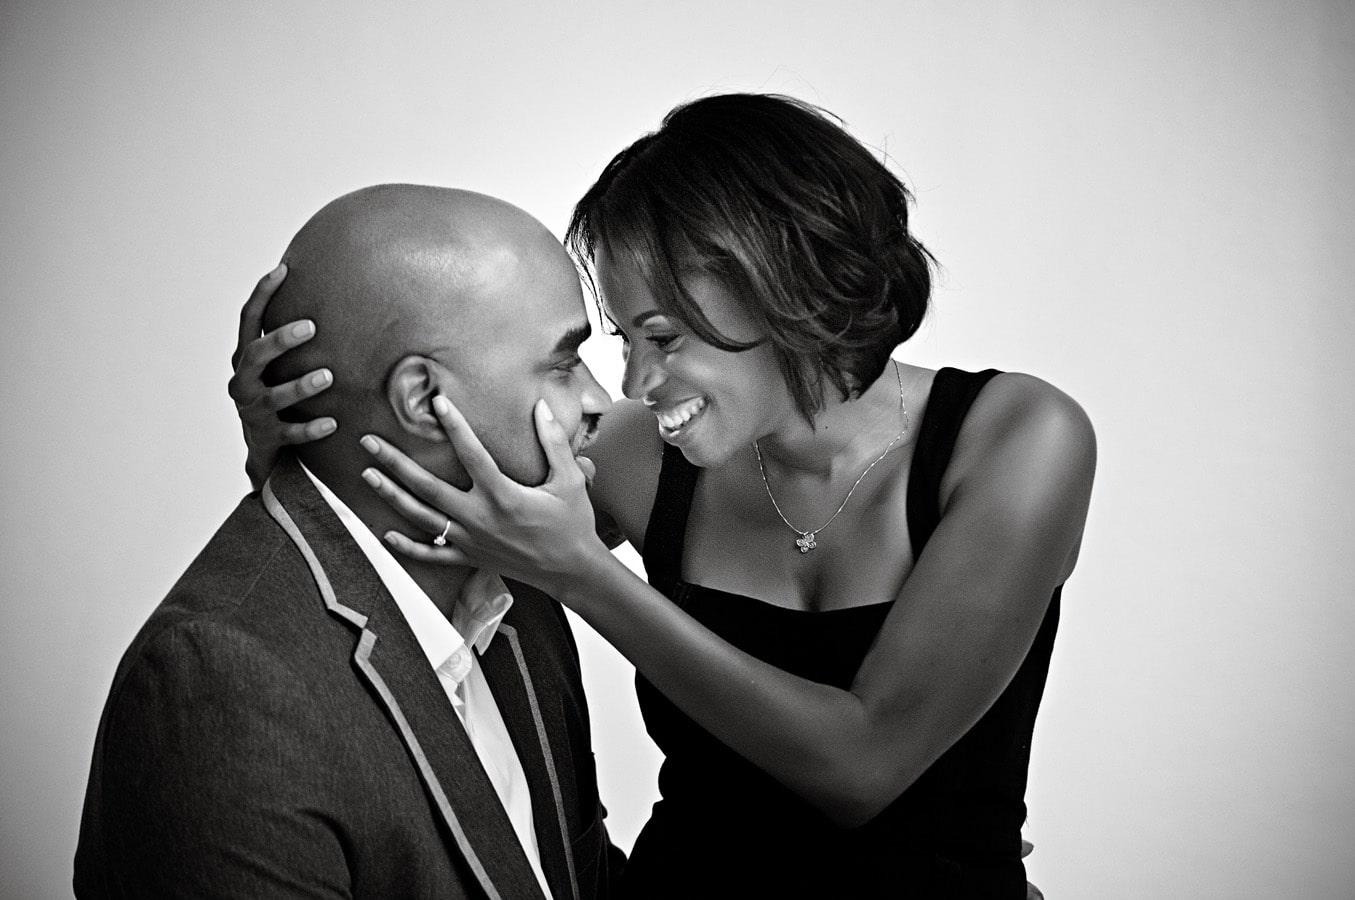 portrait, couple, creative photography, unique